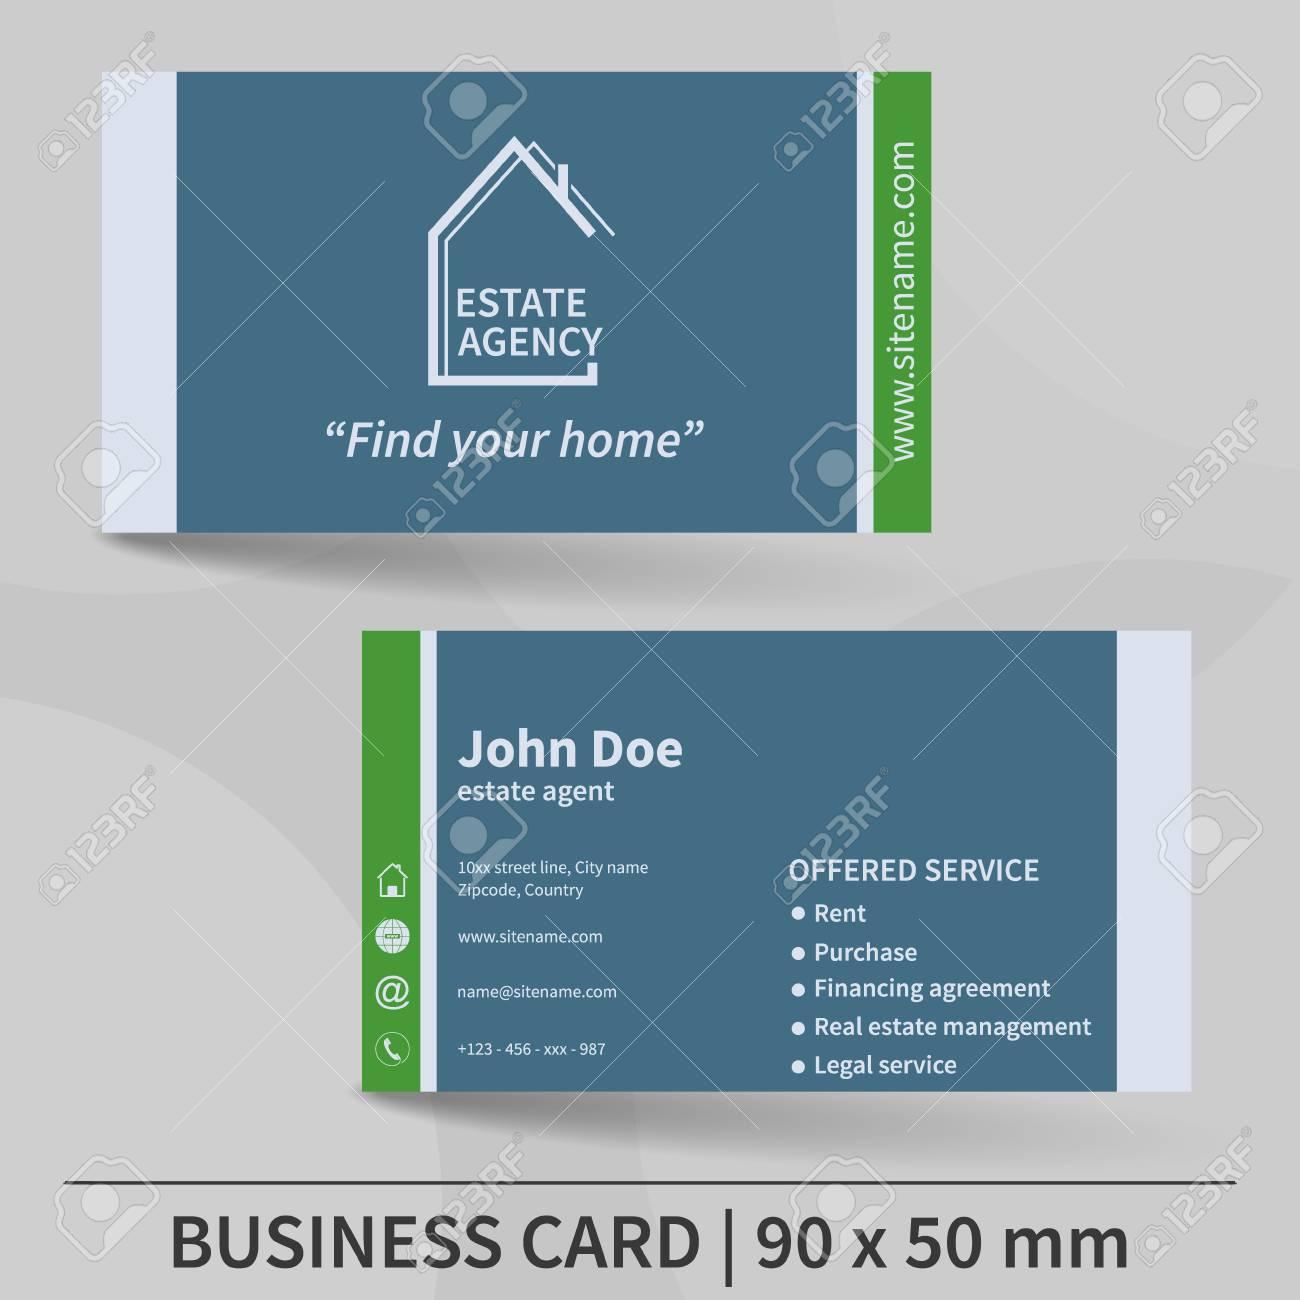 Modele De Carte Visite Agence Immobiliere Concevoir Pour Votre